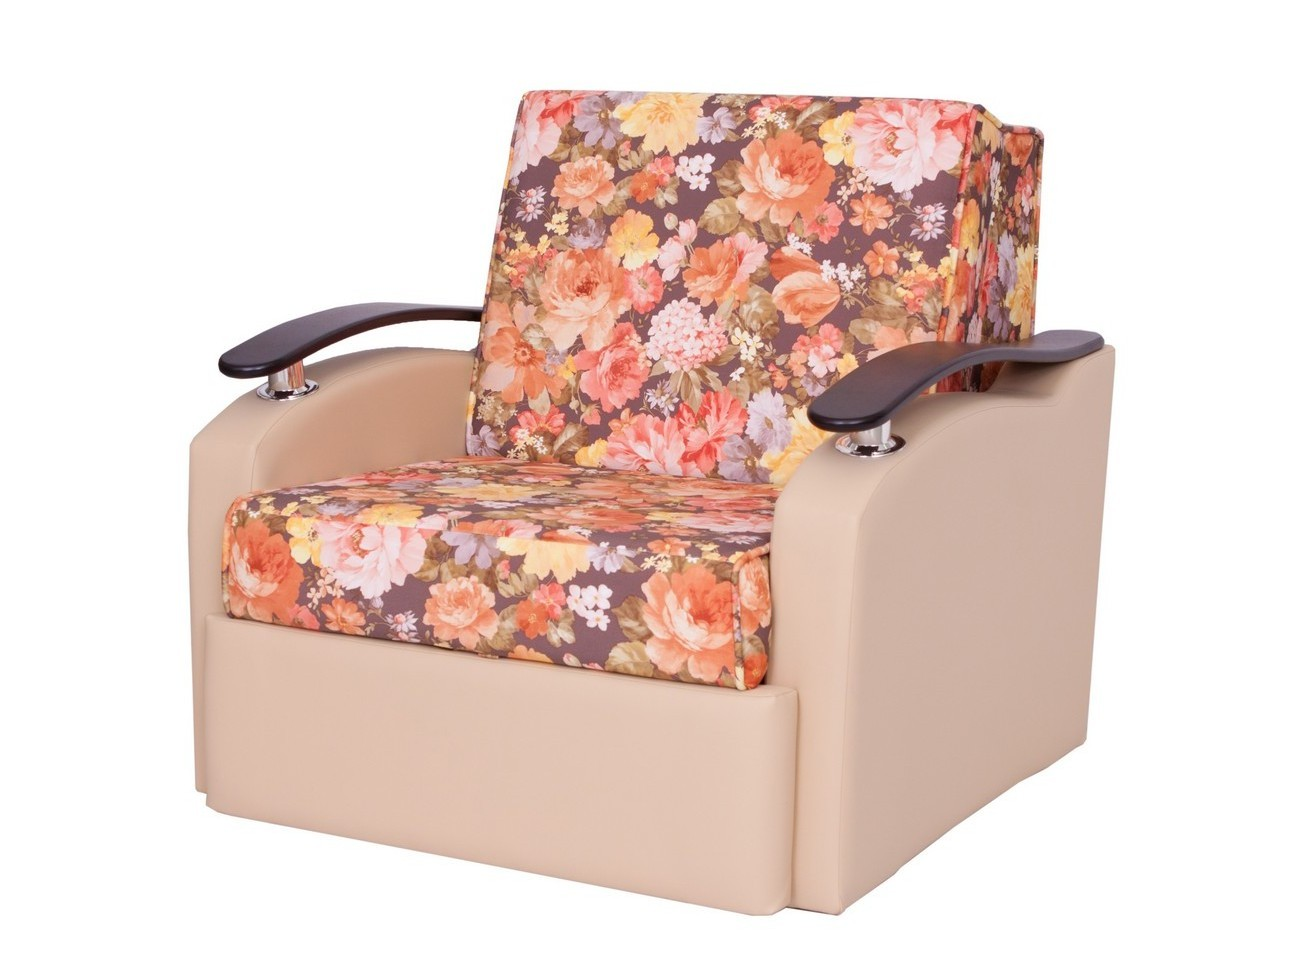 Кресло-кровать РондоКресло-кровати<br>Размер: 87х106х95 (сп. м. 62х193)<br><br>Механизм: Аккордеон<br>Каркас: Деревянный<br>Полный размер (ДхГхВ): 87х106х95<br>Спальное место: 62х193<br>Высота сиденья (см): 43<br>Глубина сиденья (см): 55<br>Наполнитель: ППУ высокой плотности (Пенополиуретан)<br>Комплектация: Ящик для белья<br>Цвет: Накладки: Бук / Венге<br>Ткань: Образец по фото представлен в ткани Sense Felicia Brown (Арбен-велюр) + Санторини (Андрия-иск. кожа), наличие и стоимость уточняйте у менеджера<br>Примечание: Стоимость указана по минимальной категории ткани<br>Изготовление и доставка: 6-10 дней, дни доставок среда и суббота<br>Условия доставки: Бесплатная по Москве до подъезда<br>Условие оплаты: Оплата наличными при получении товара<br>Доставка по МО (за пределами МКАД): 30 руб./км<br>Доставка в пределах ТТК: Доставка в центр Москвы осуществляется ночью, с 22.00 до 6.00 утра<br>Подъем на грузовом лифте: 300 руб.<br>Подъем без лифта: 150 руб./этаж<br>Сборка: 200 руб. в день доставки, заказать сборку Вы можете, если у Вас оформлена услуга подъем/занос изделия в помещение<br>Гарантия: 12 месяцев<br>Производство: Россия<br>Производитель: МДВ